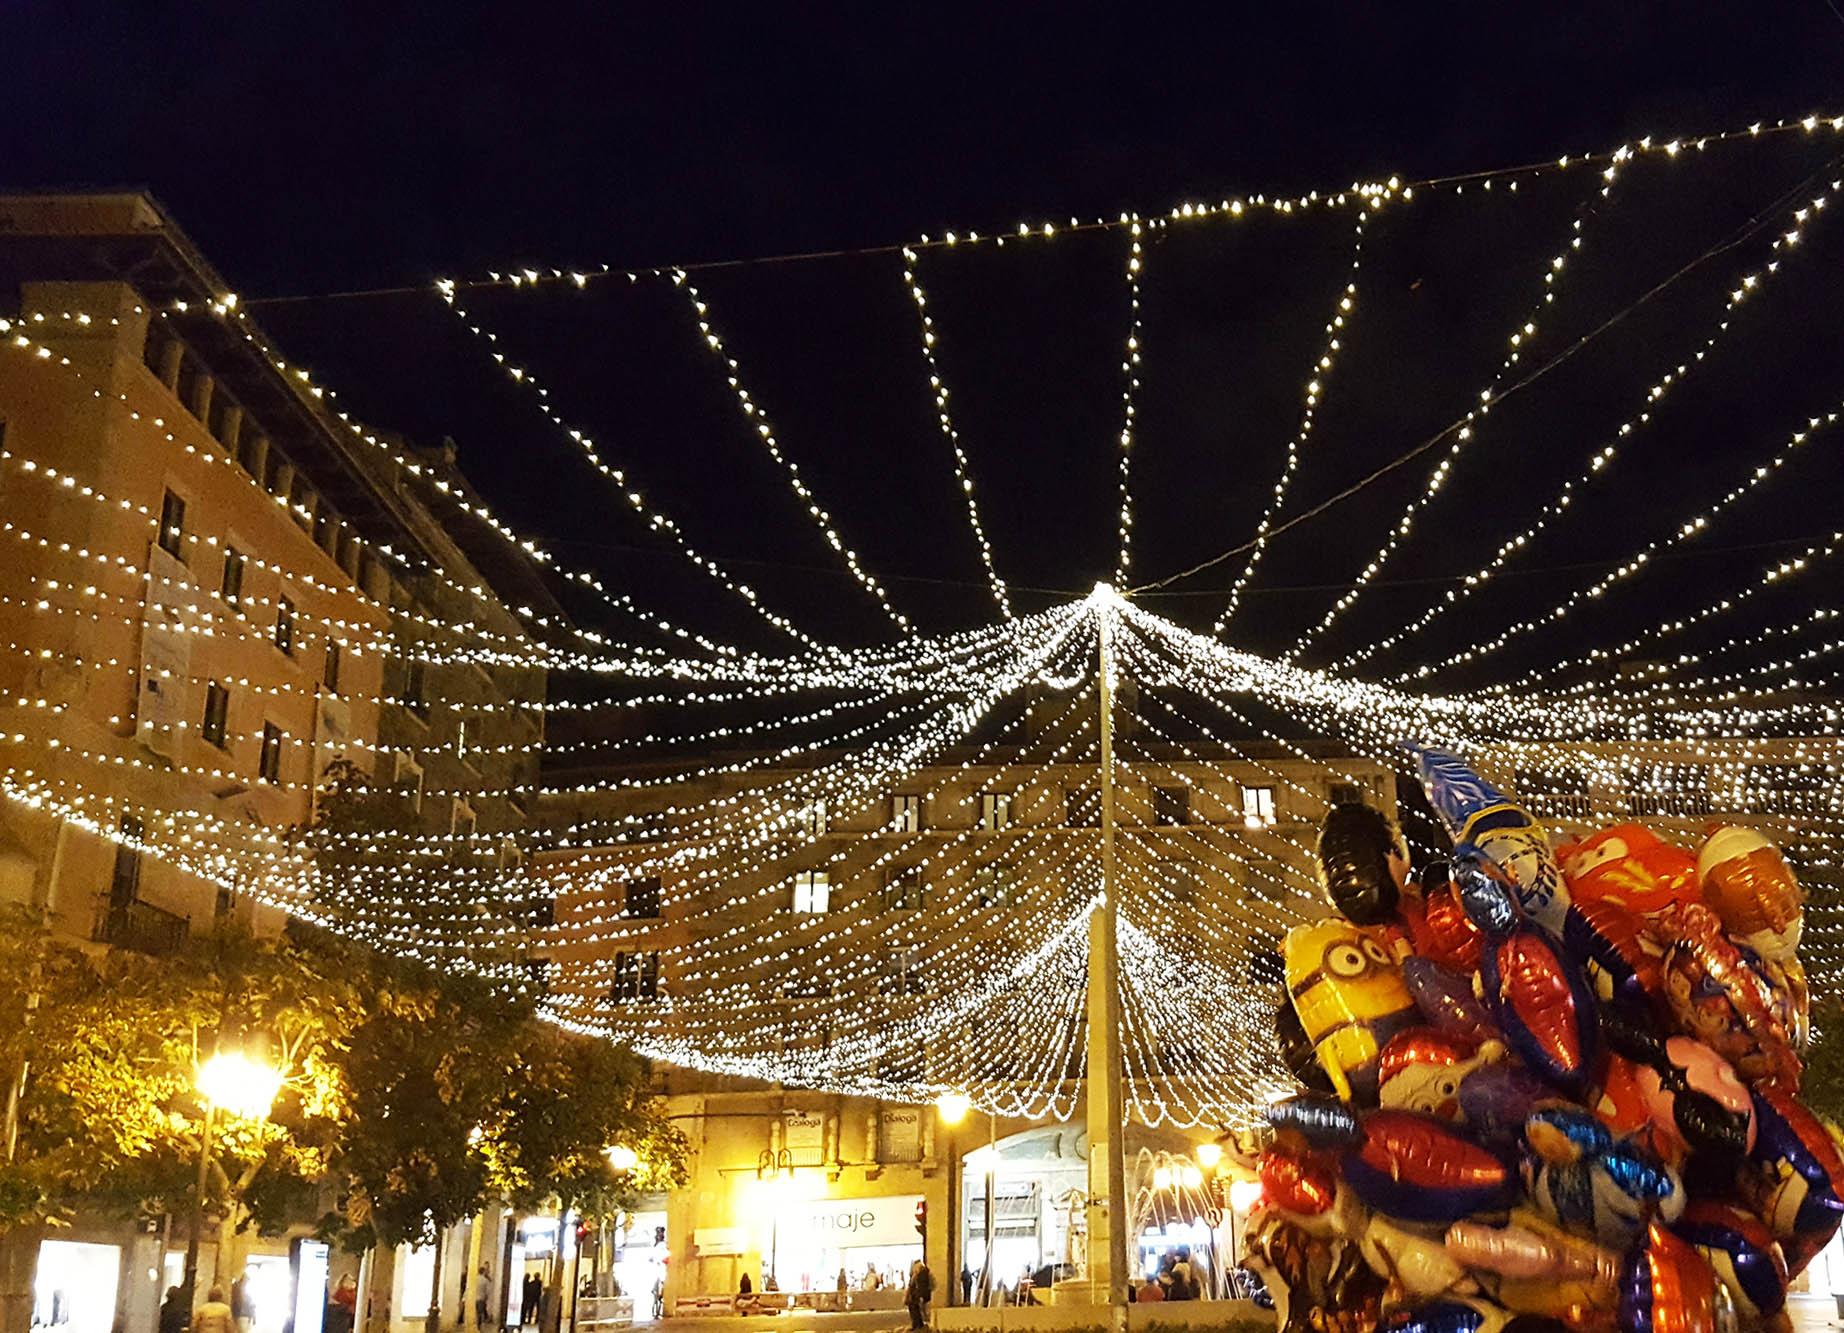 Palma Mallorca Christmas Lights and balloons.jpg